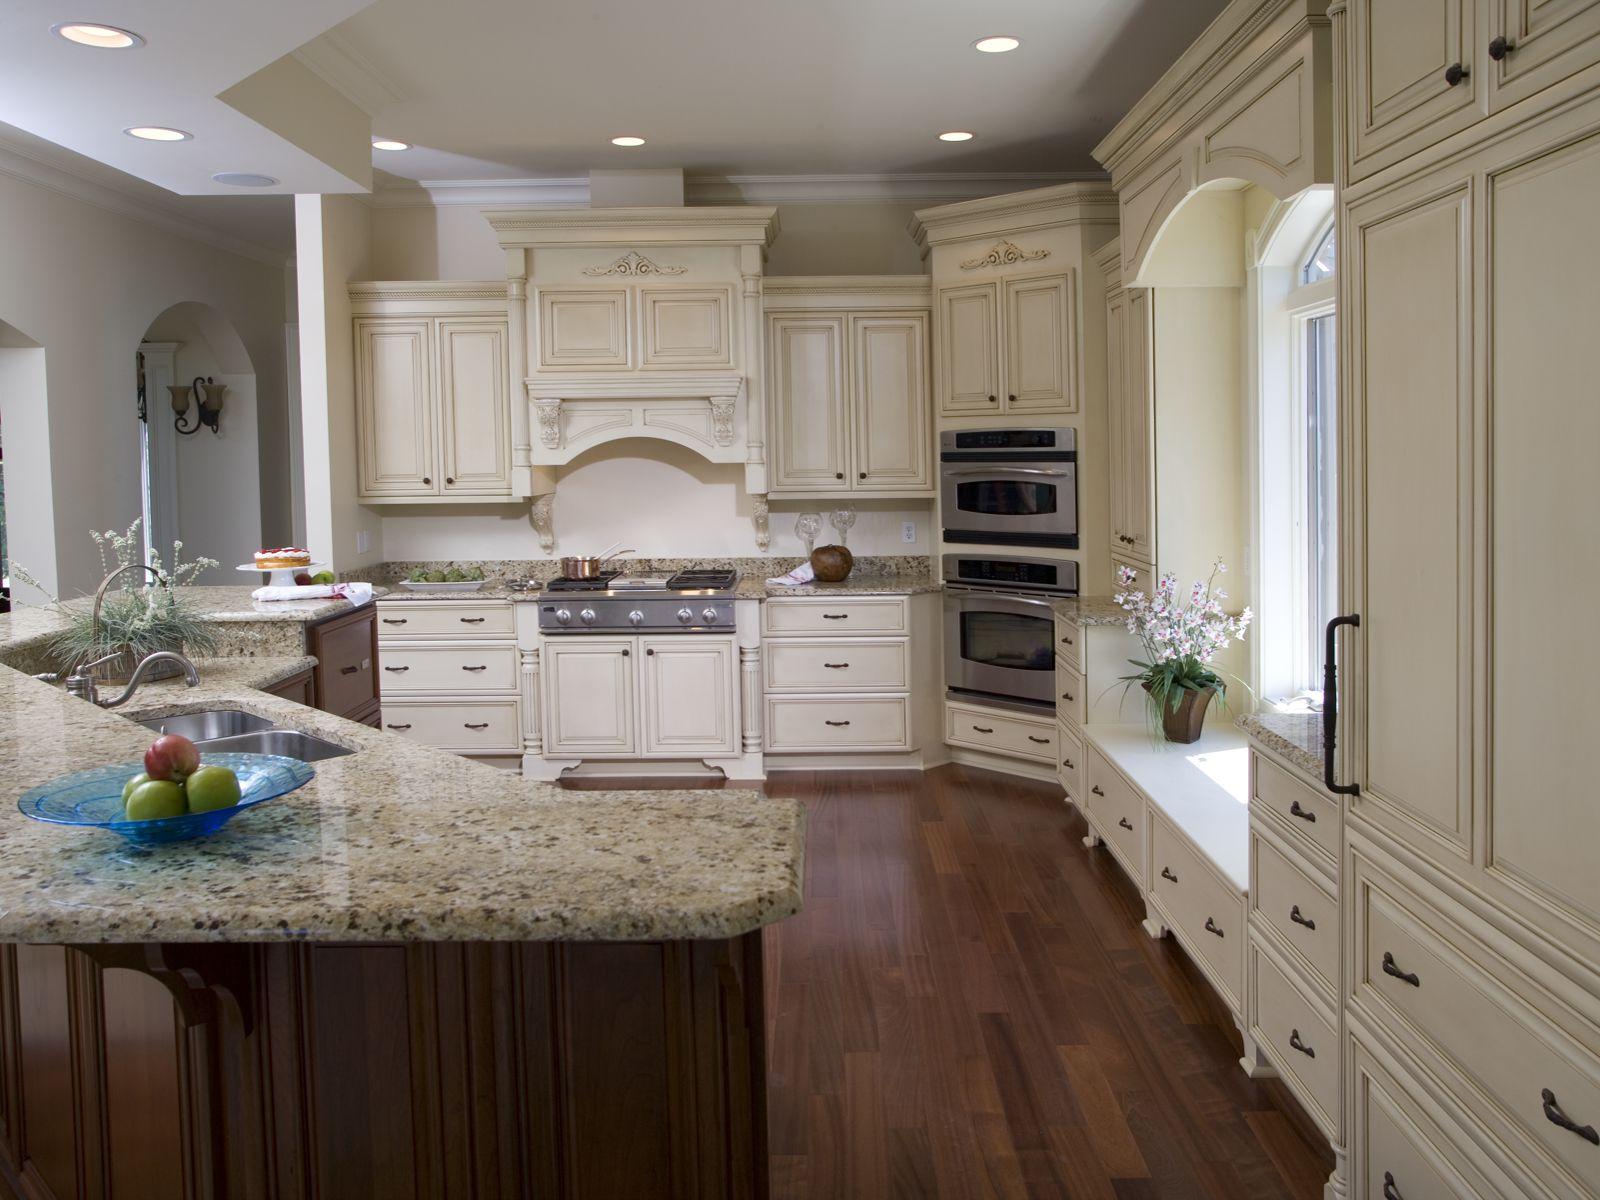 Manor House Kitchens Inc image 4